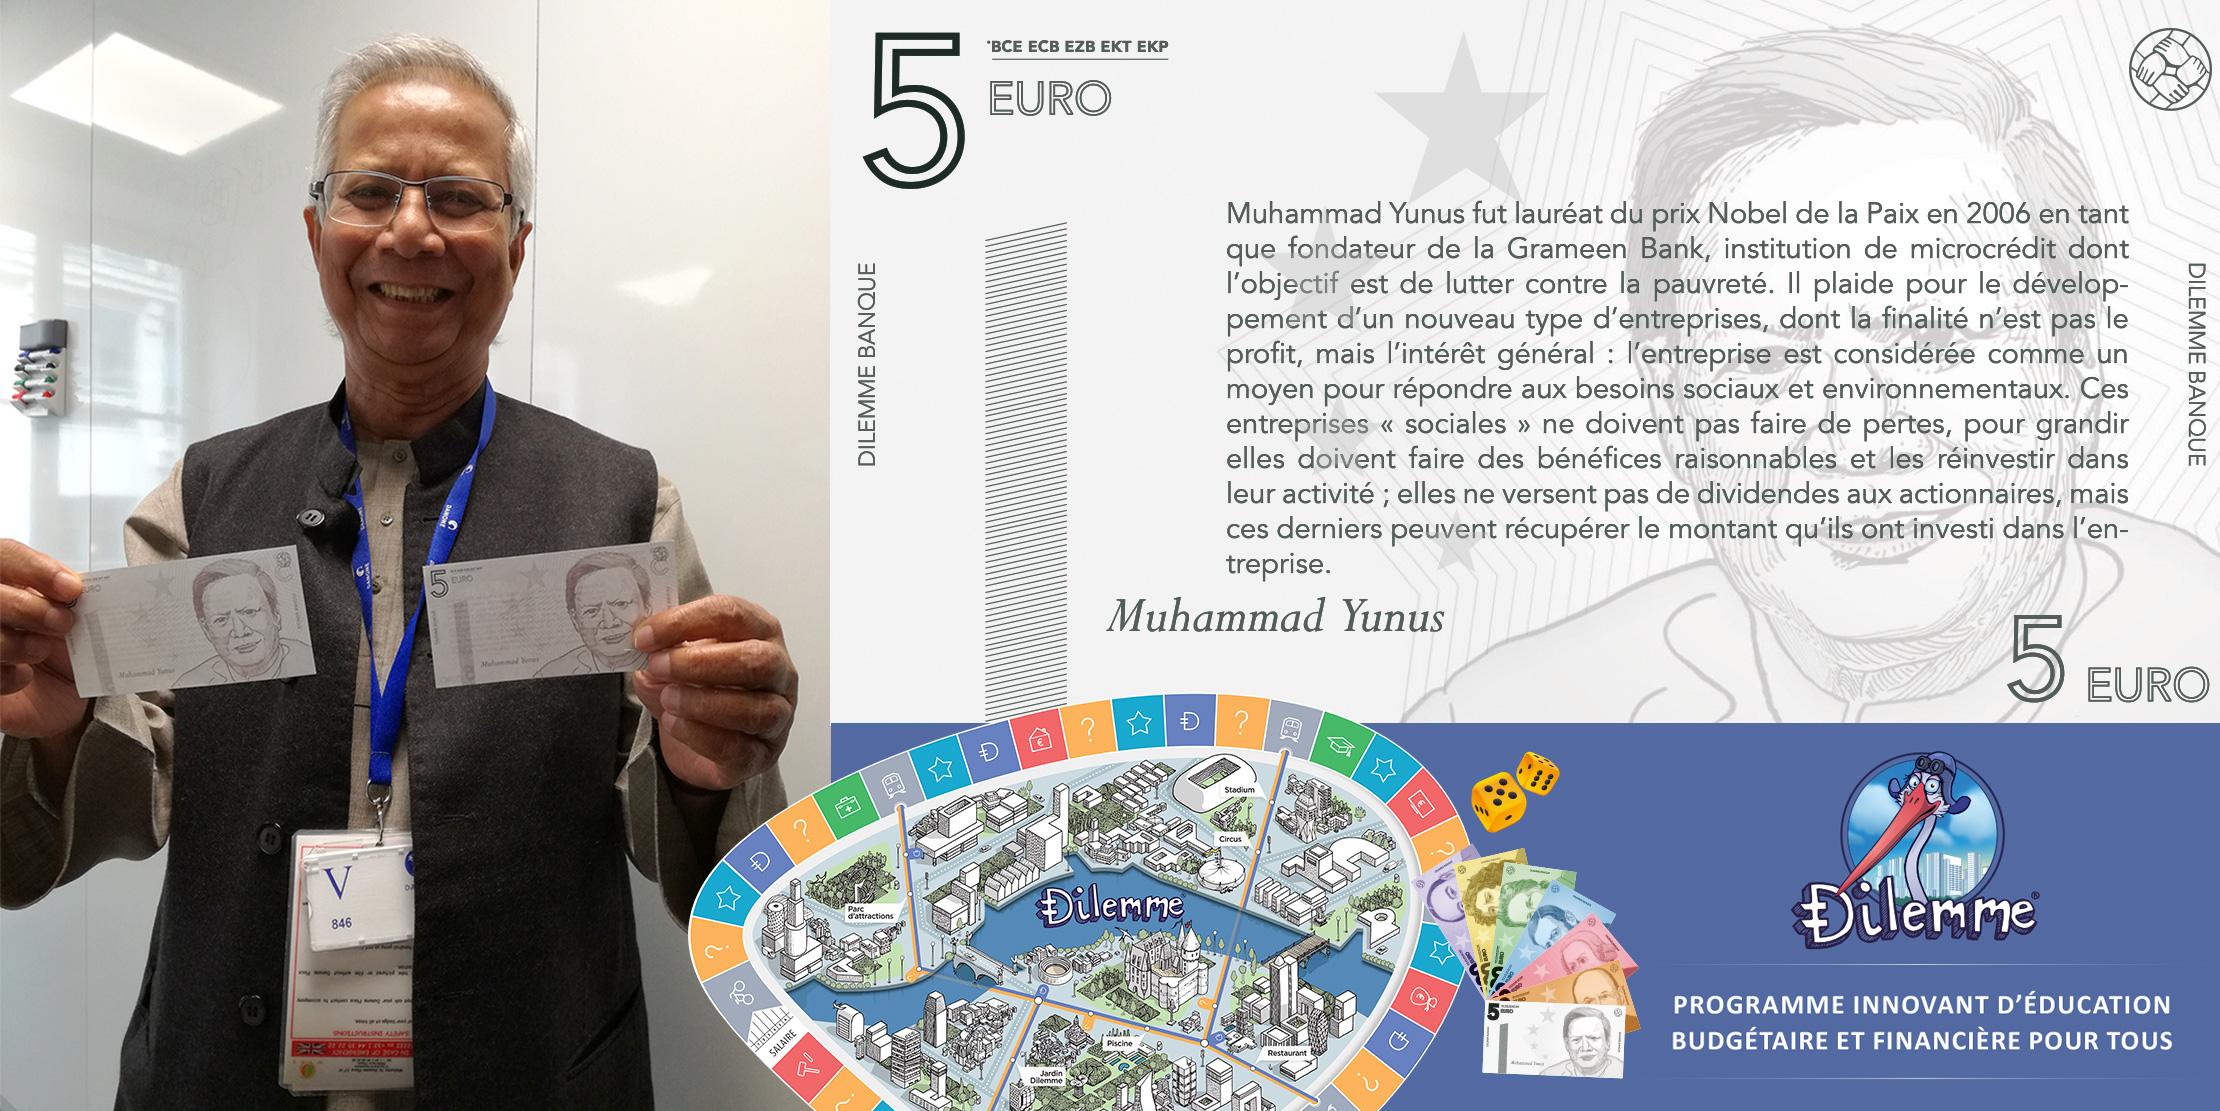 muhammad-yunus-prix-nobel-et-surnomme-banquier-des-pauvres-decouvre-dilemme